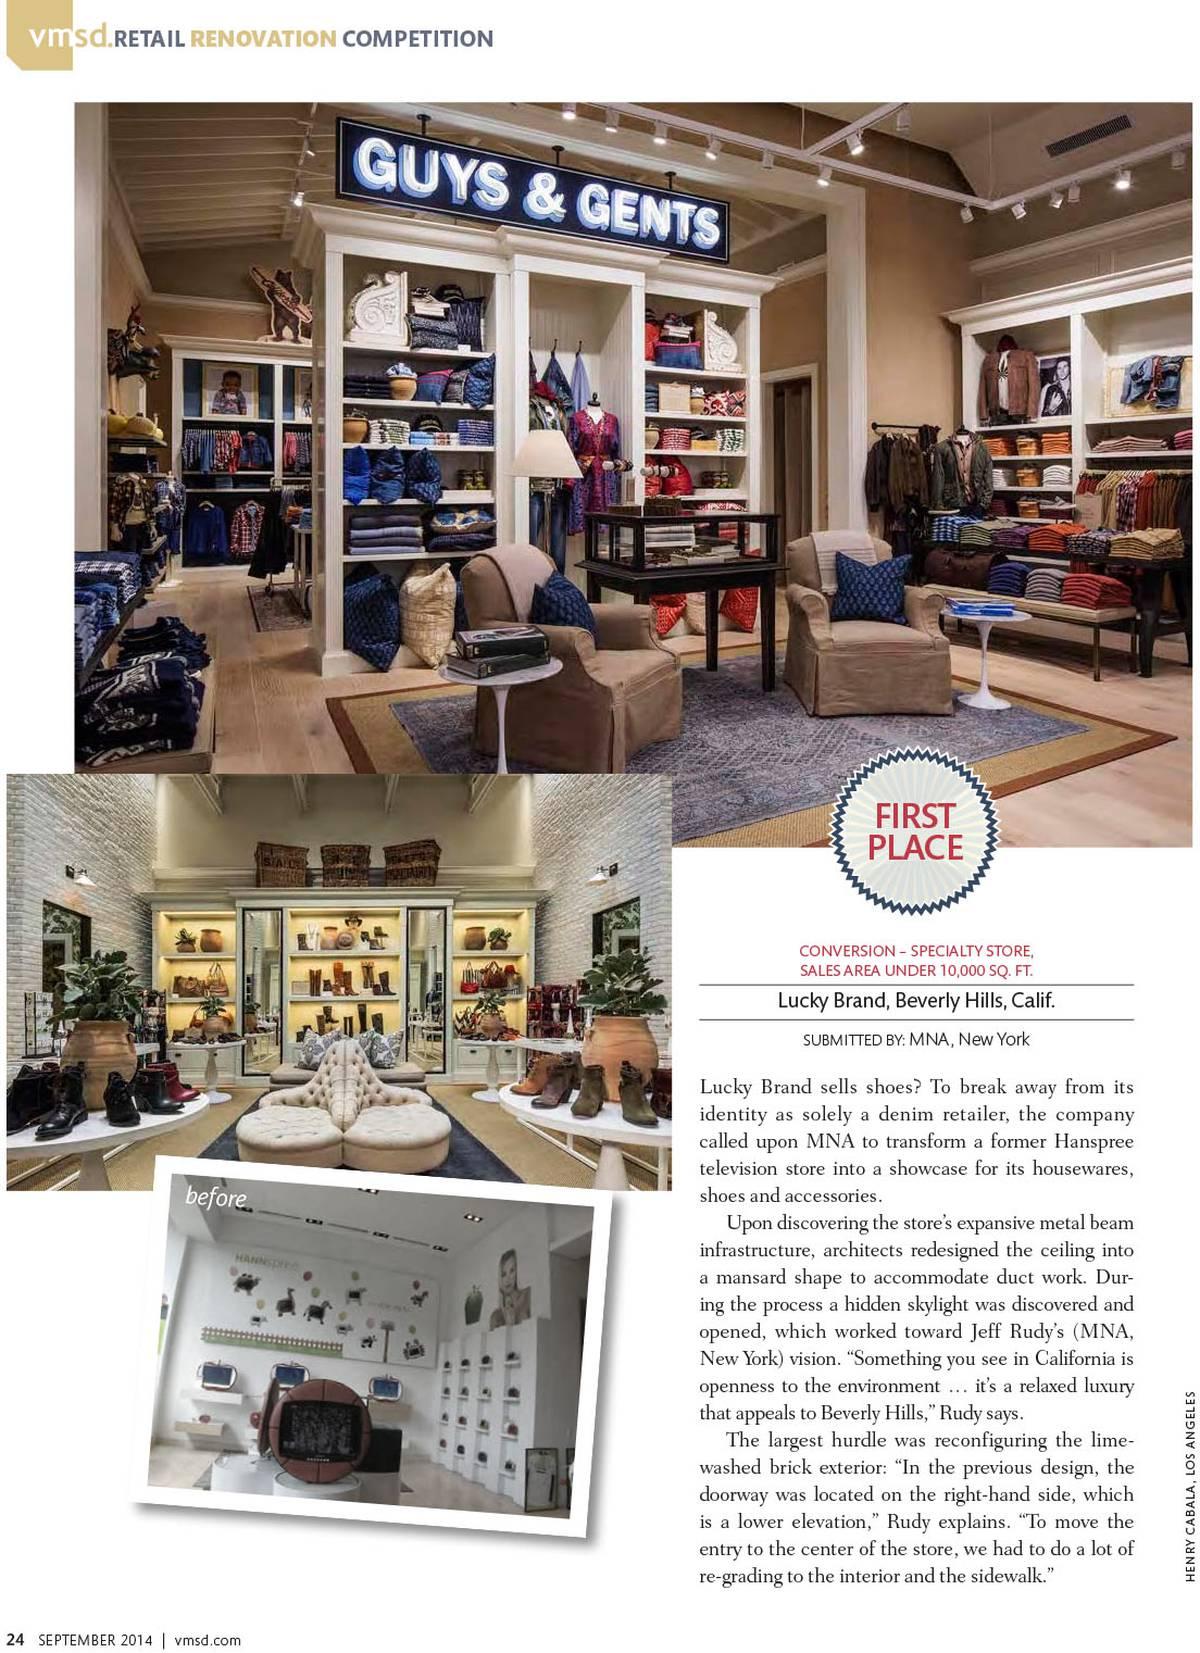 VMSD Retail Renovation Award Winner - Lucky Brand, Beverly Hills, CA - Architect: Neumann & Rudy